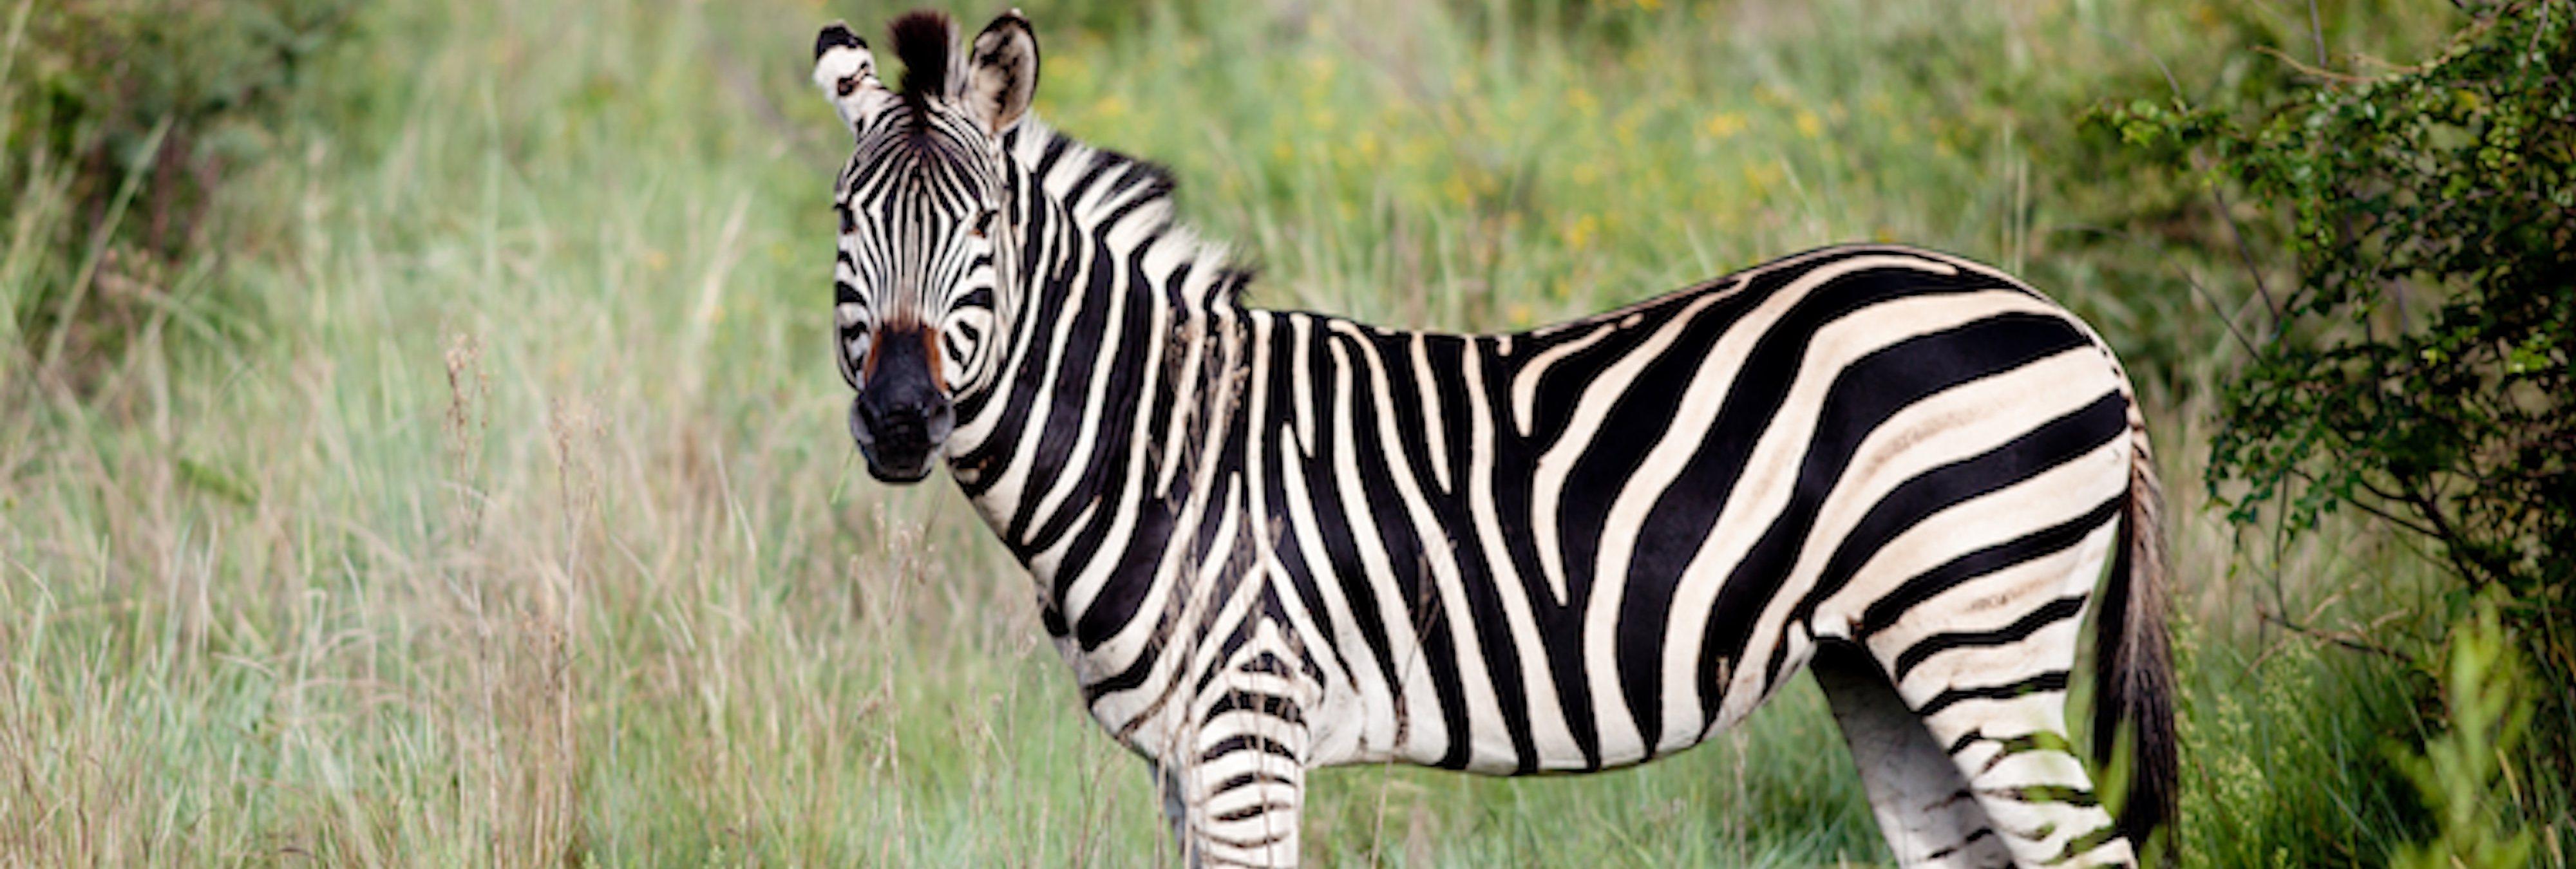 La rayas de las cebras tienen una función y la ciencia la ha descubierto